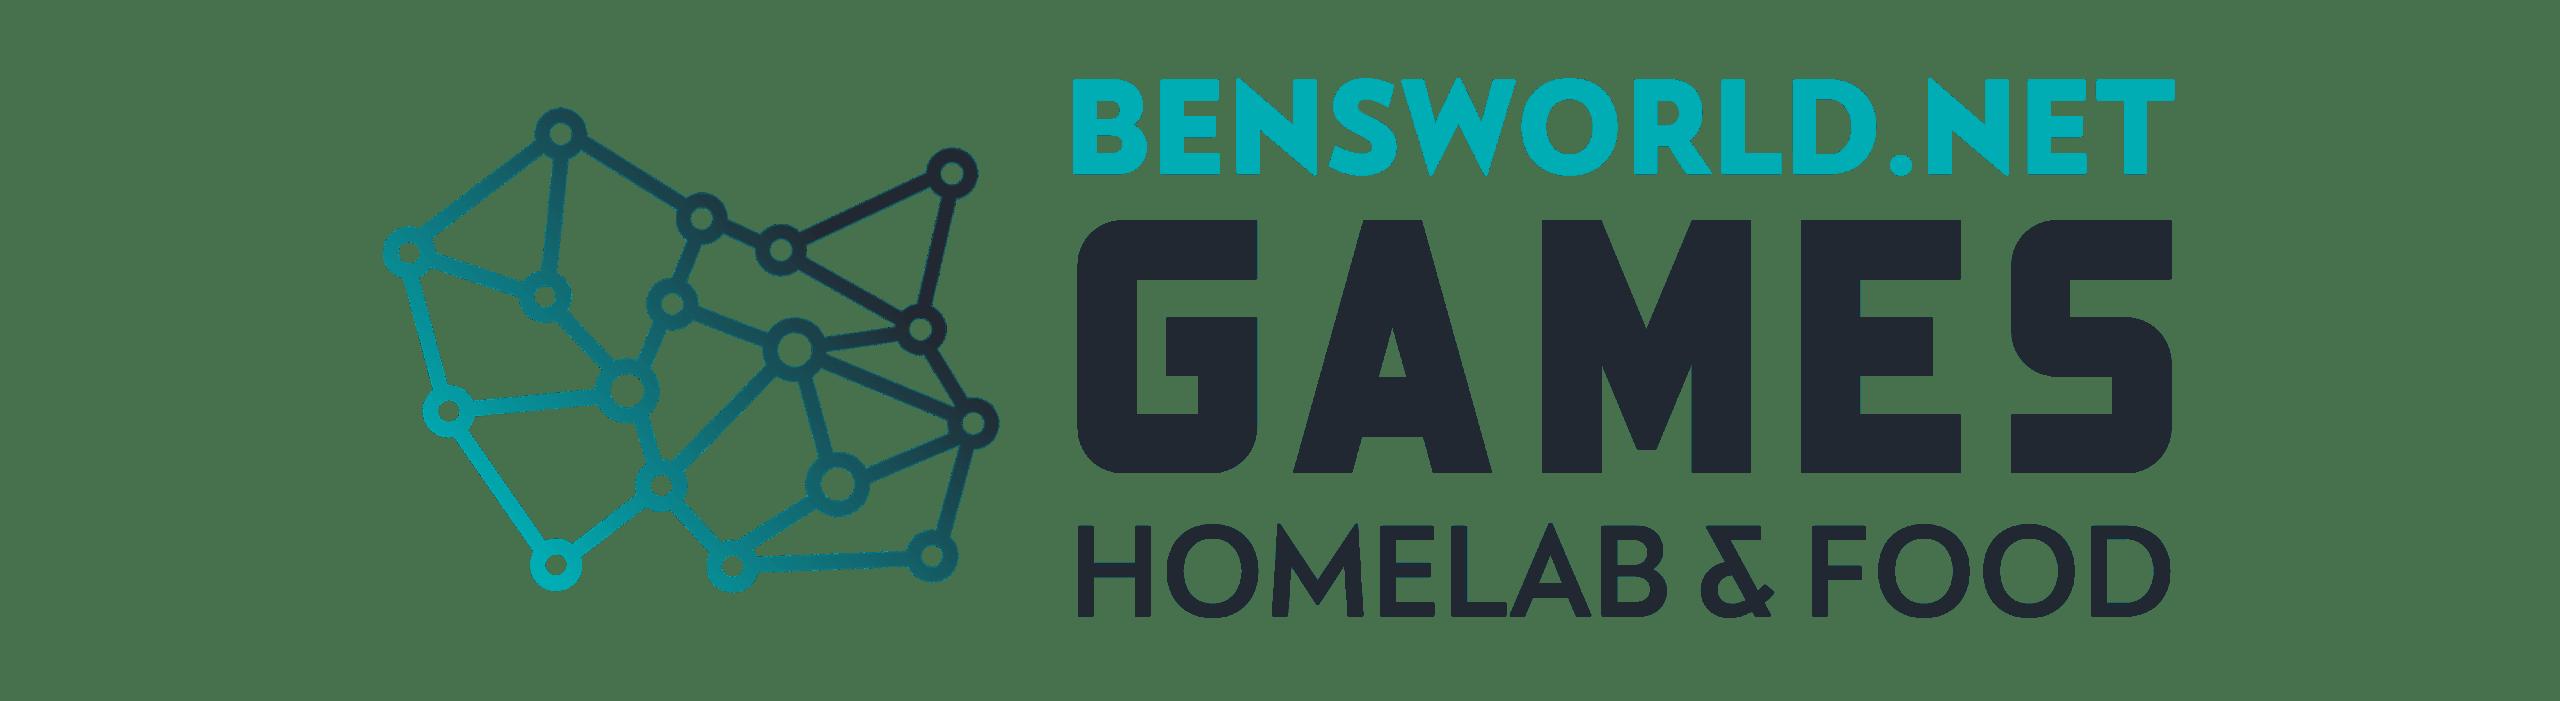 Bensworld.net